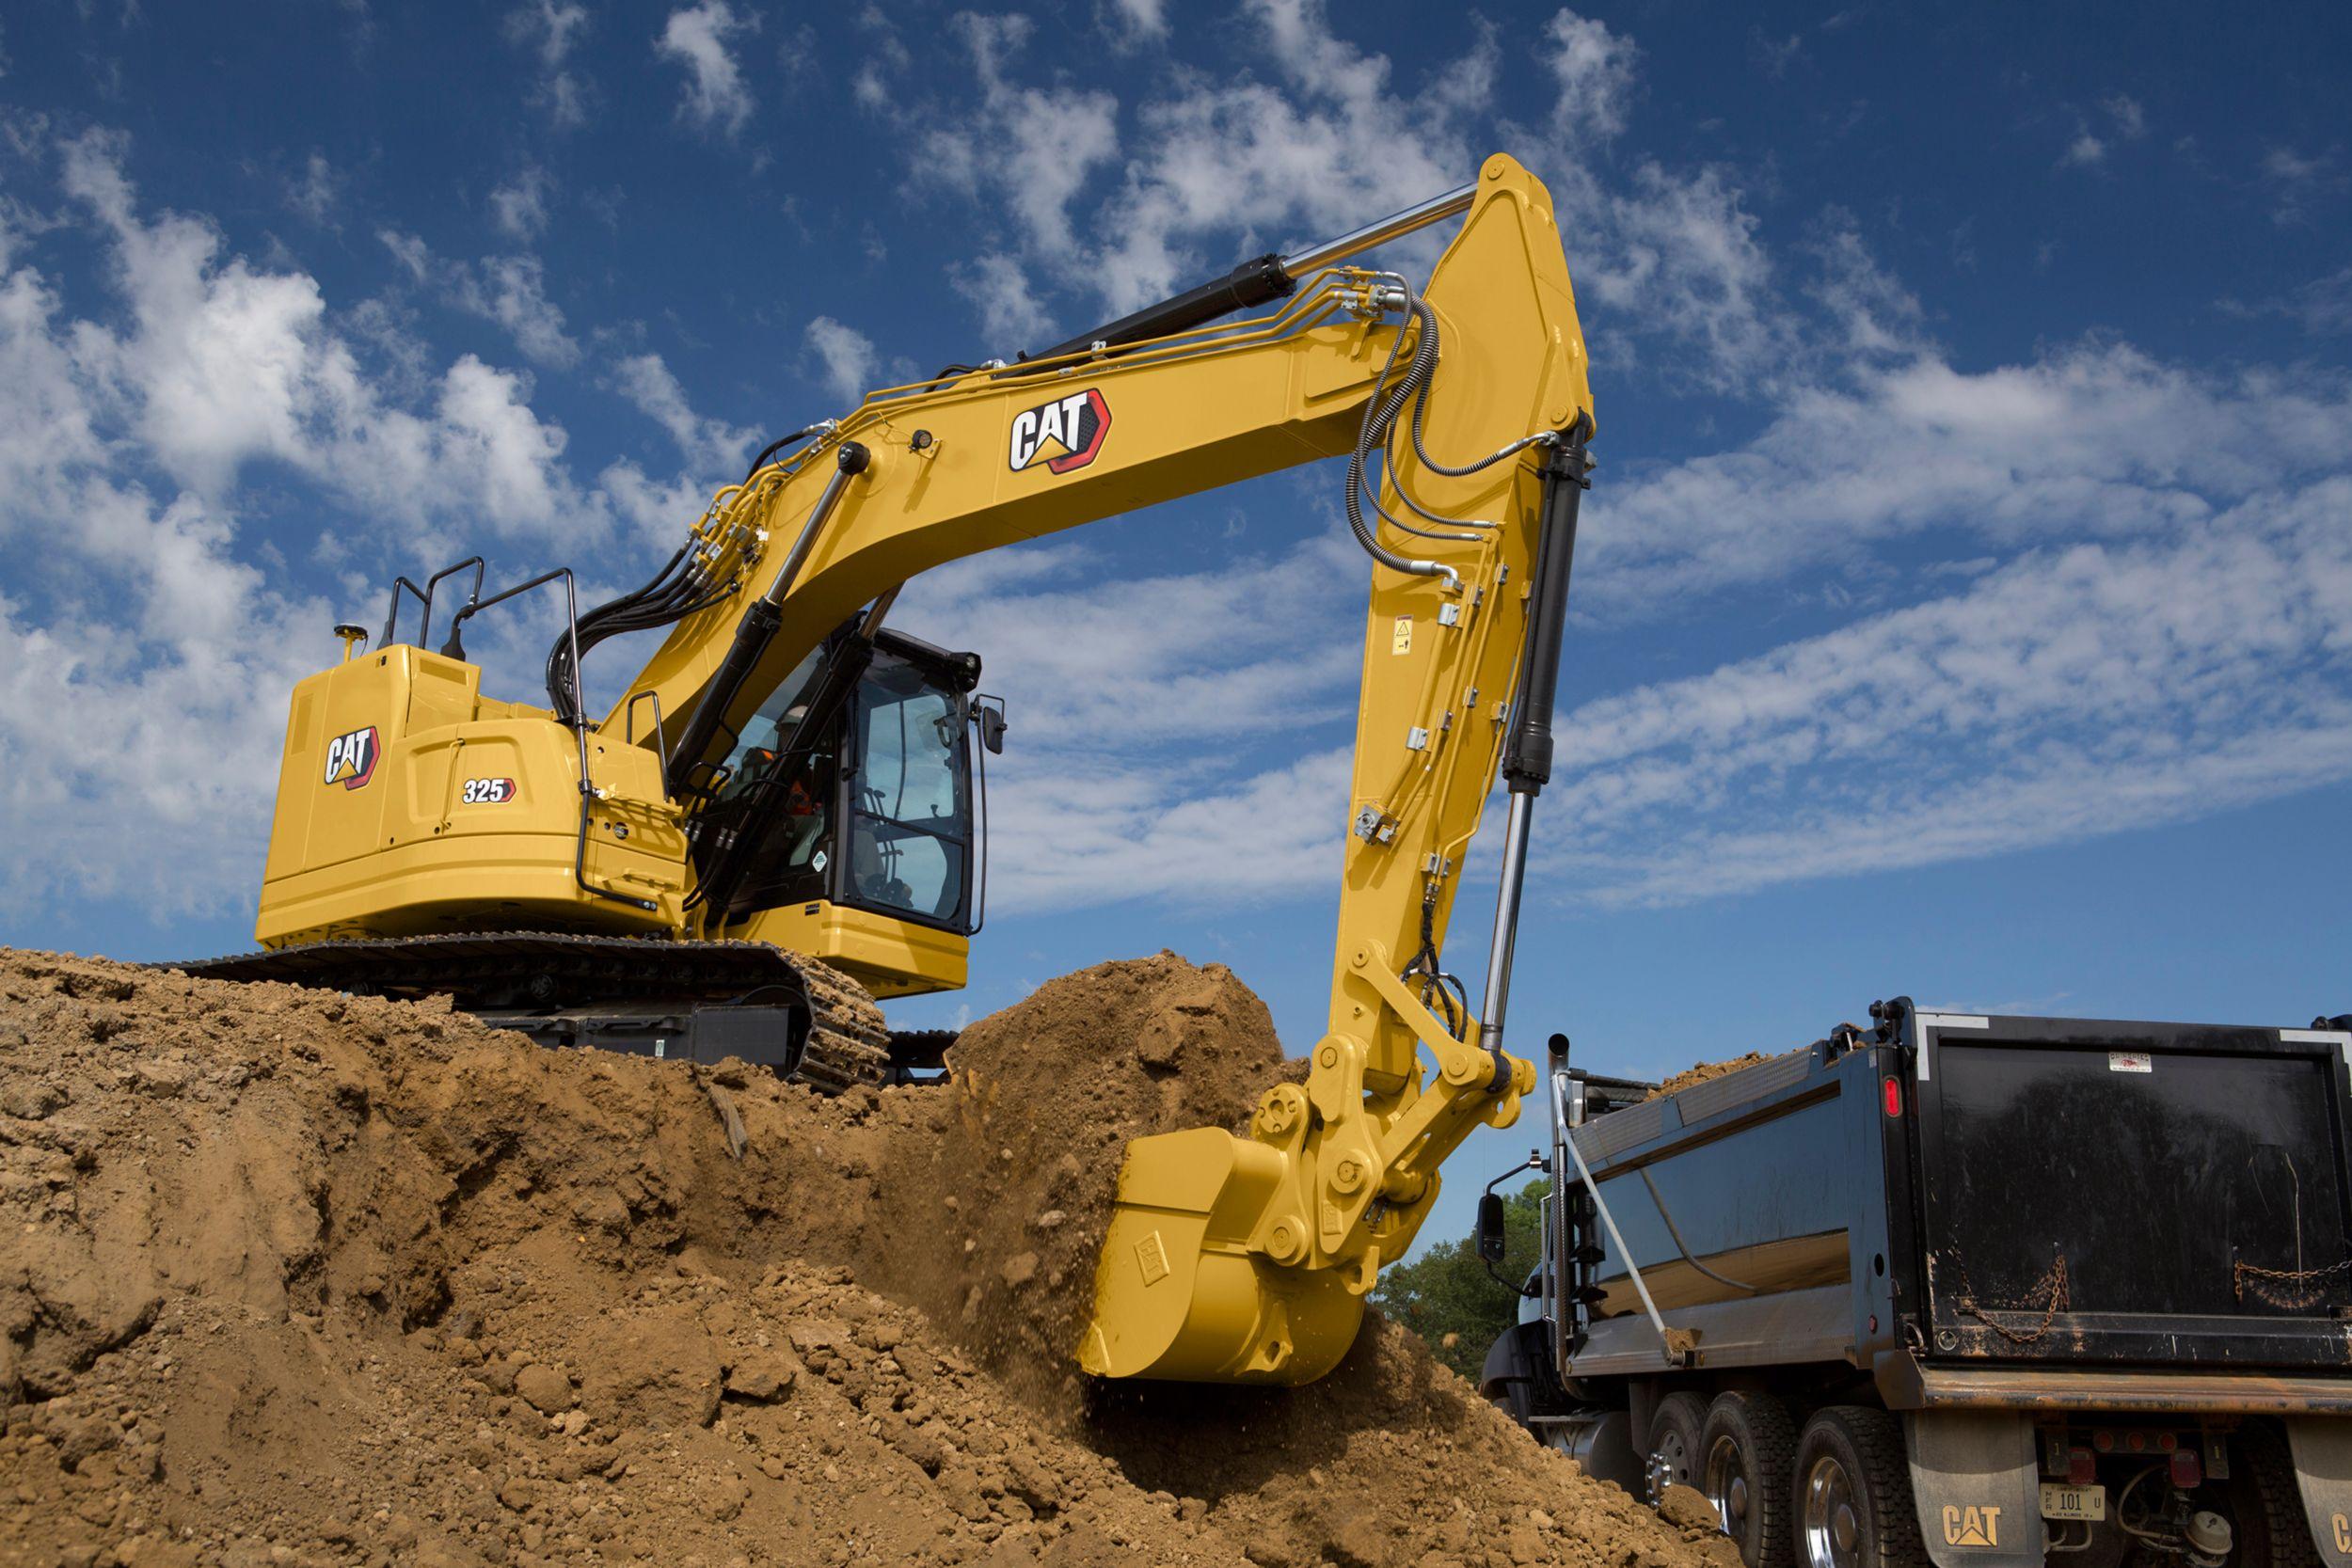 Cat 325 Excavator